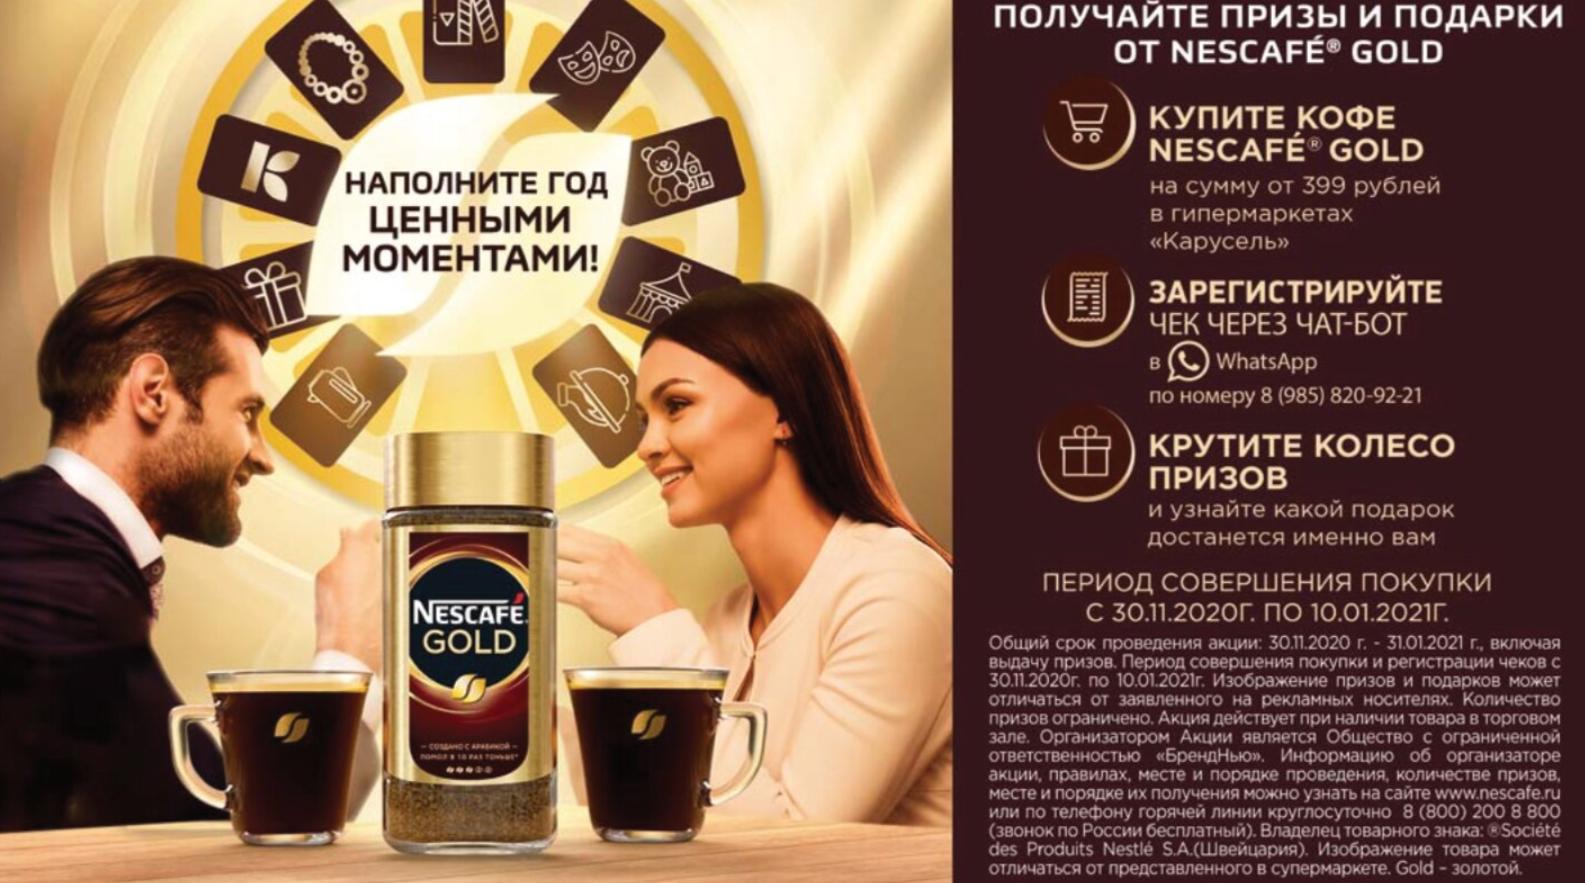 Акция Nescafe в Карусели